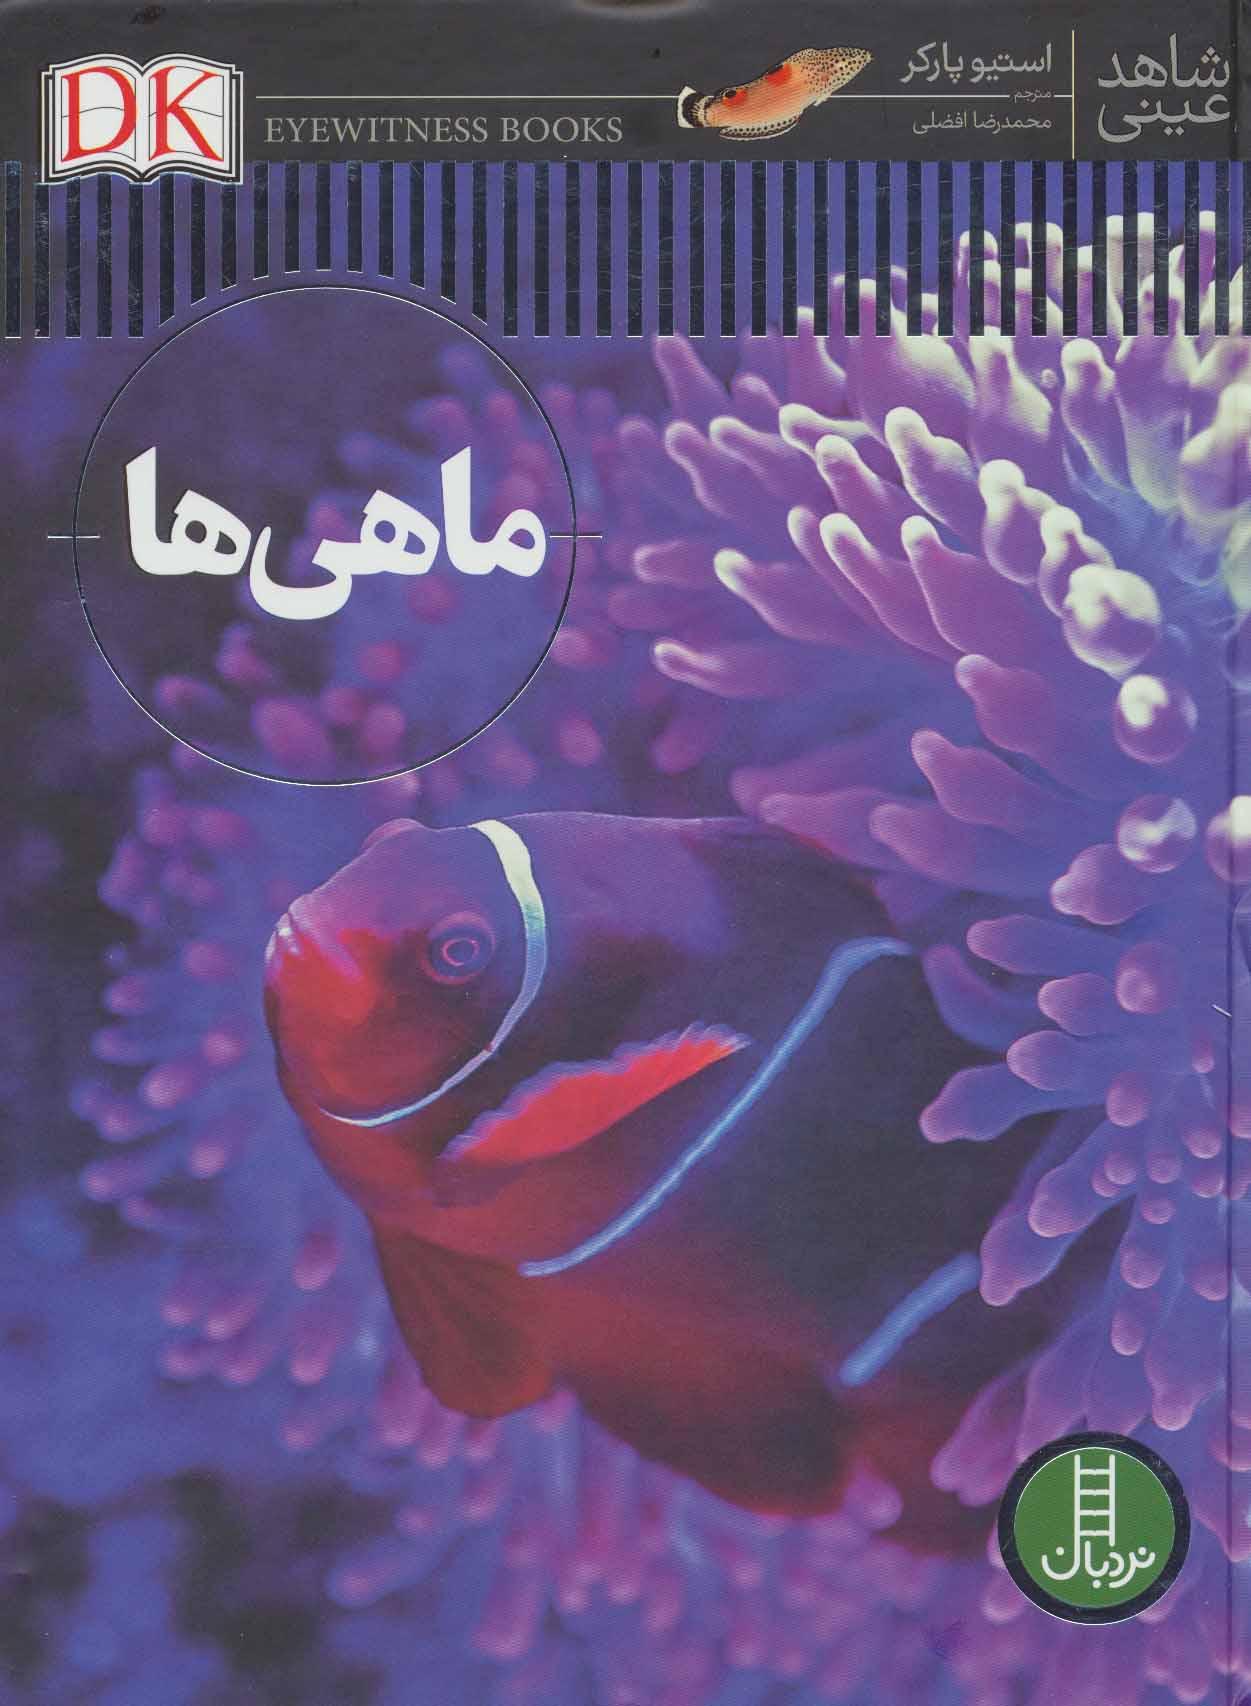 ماهی ها (شاهد عینی)،(گلاسه)